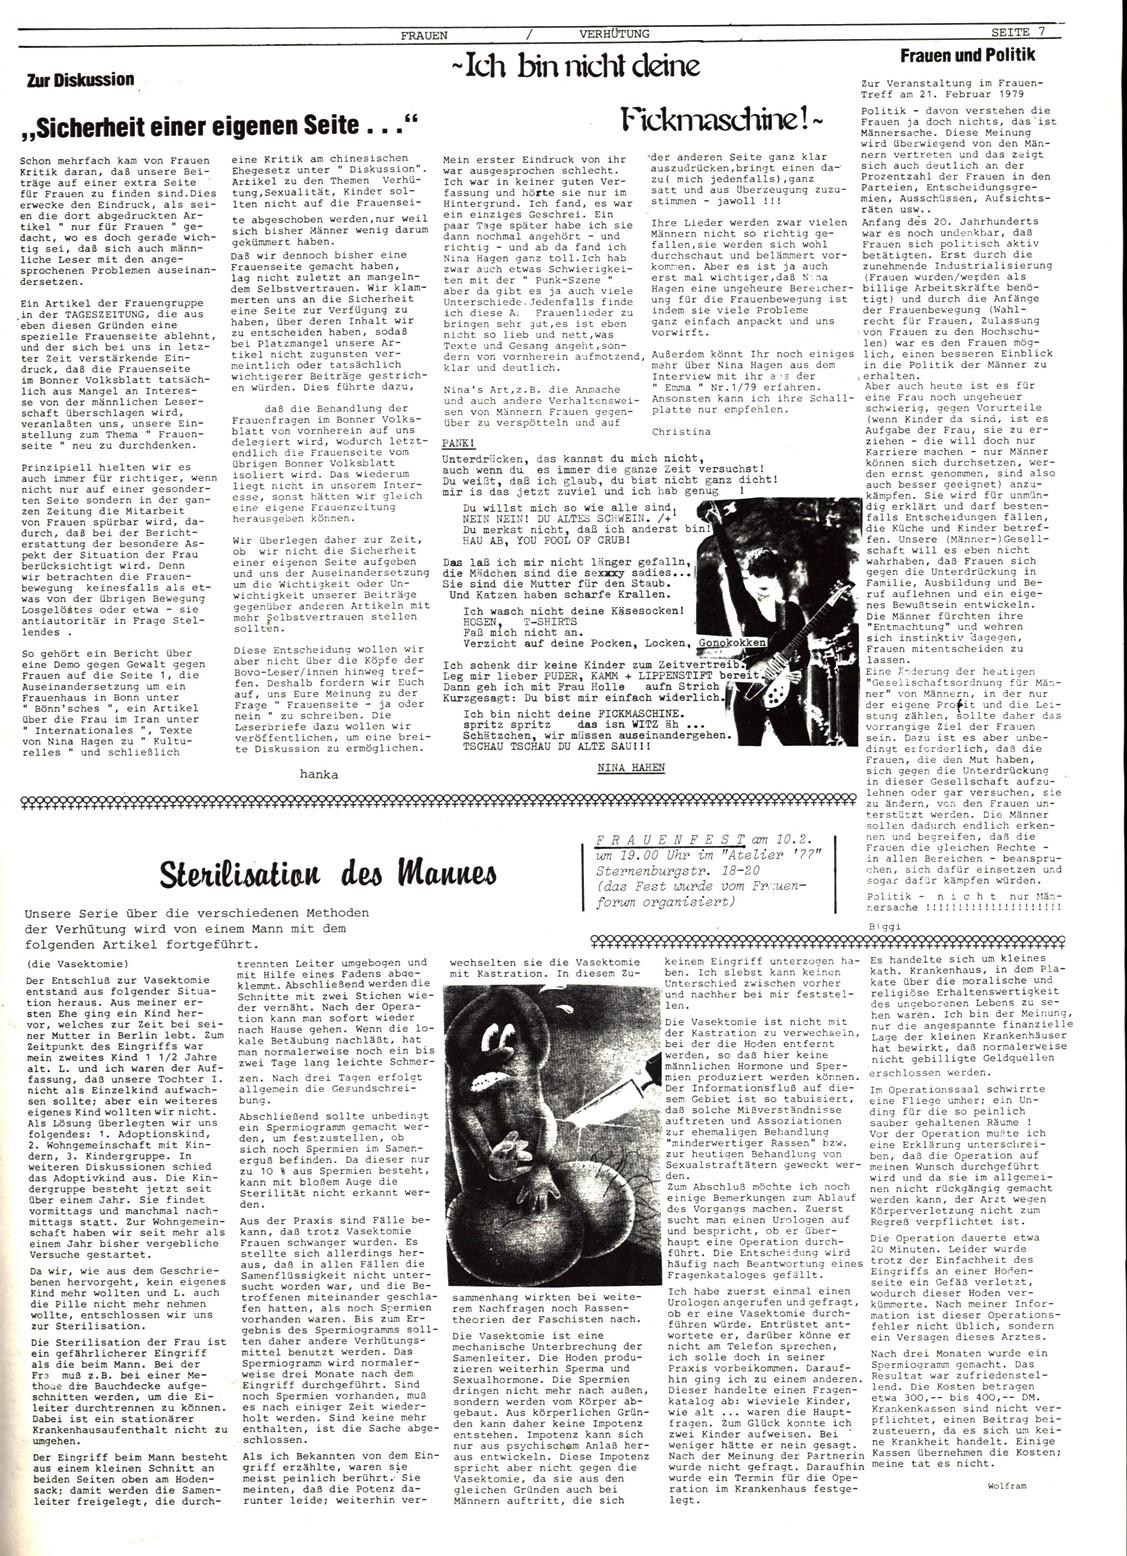 Bonner_Volksblatt_21_19790130_07